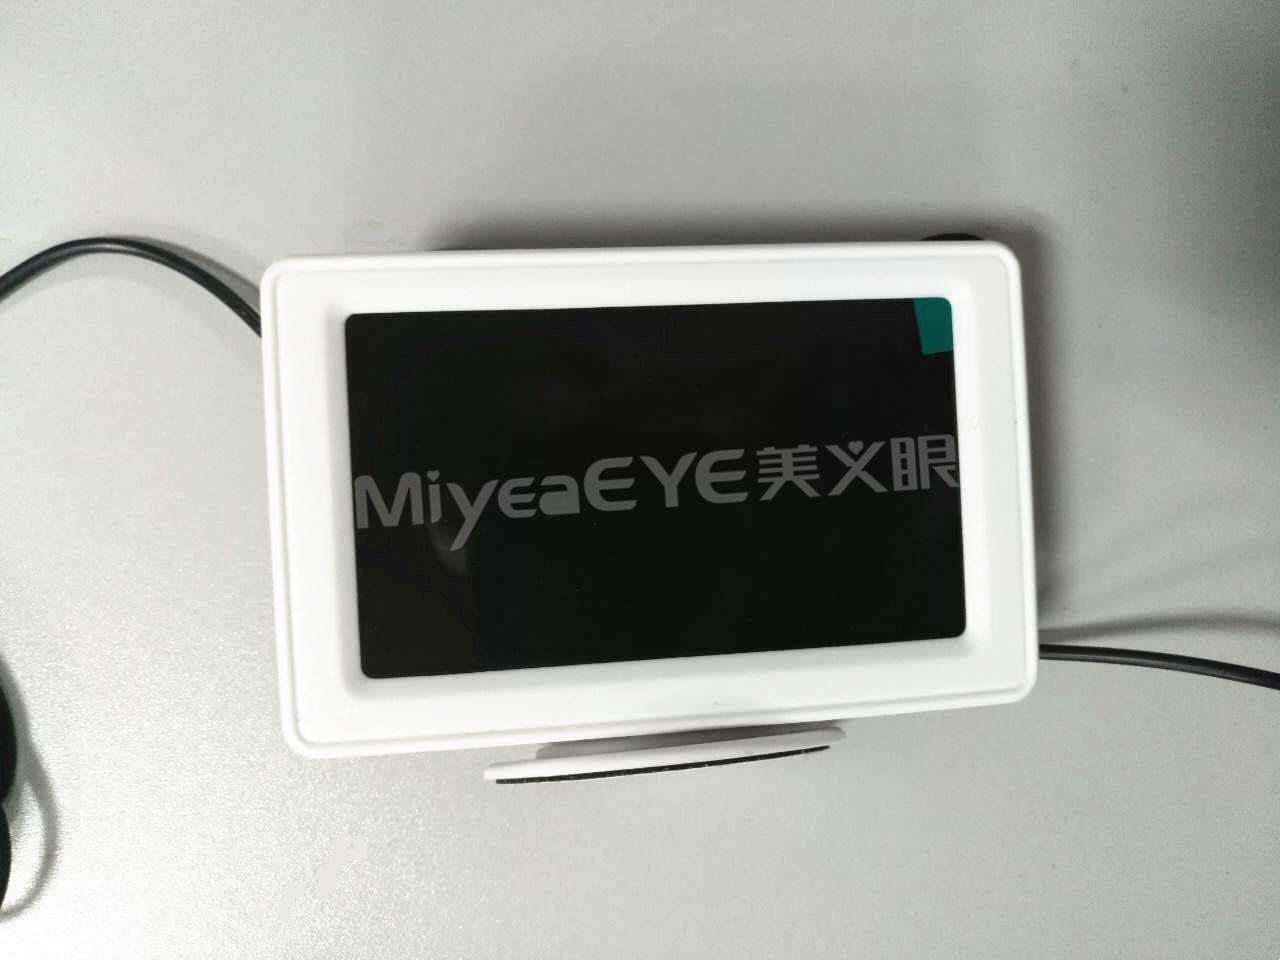 Fake bill detector ir mini camera43 LCD Monitorfake note detector costir currency detectors